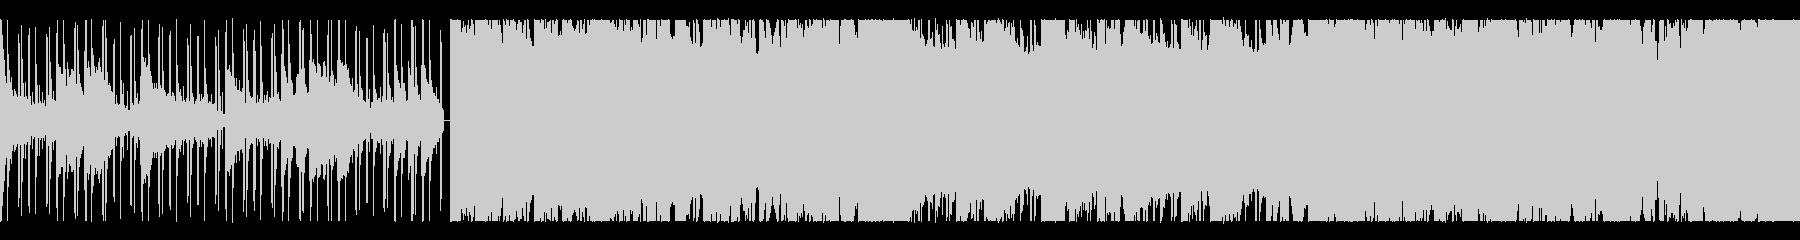 幻想的なピアノのLowfi HipHopの未再生の波形